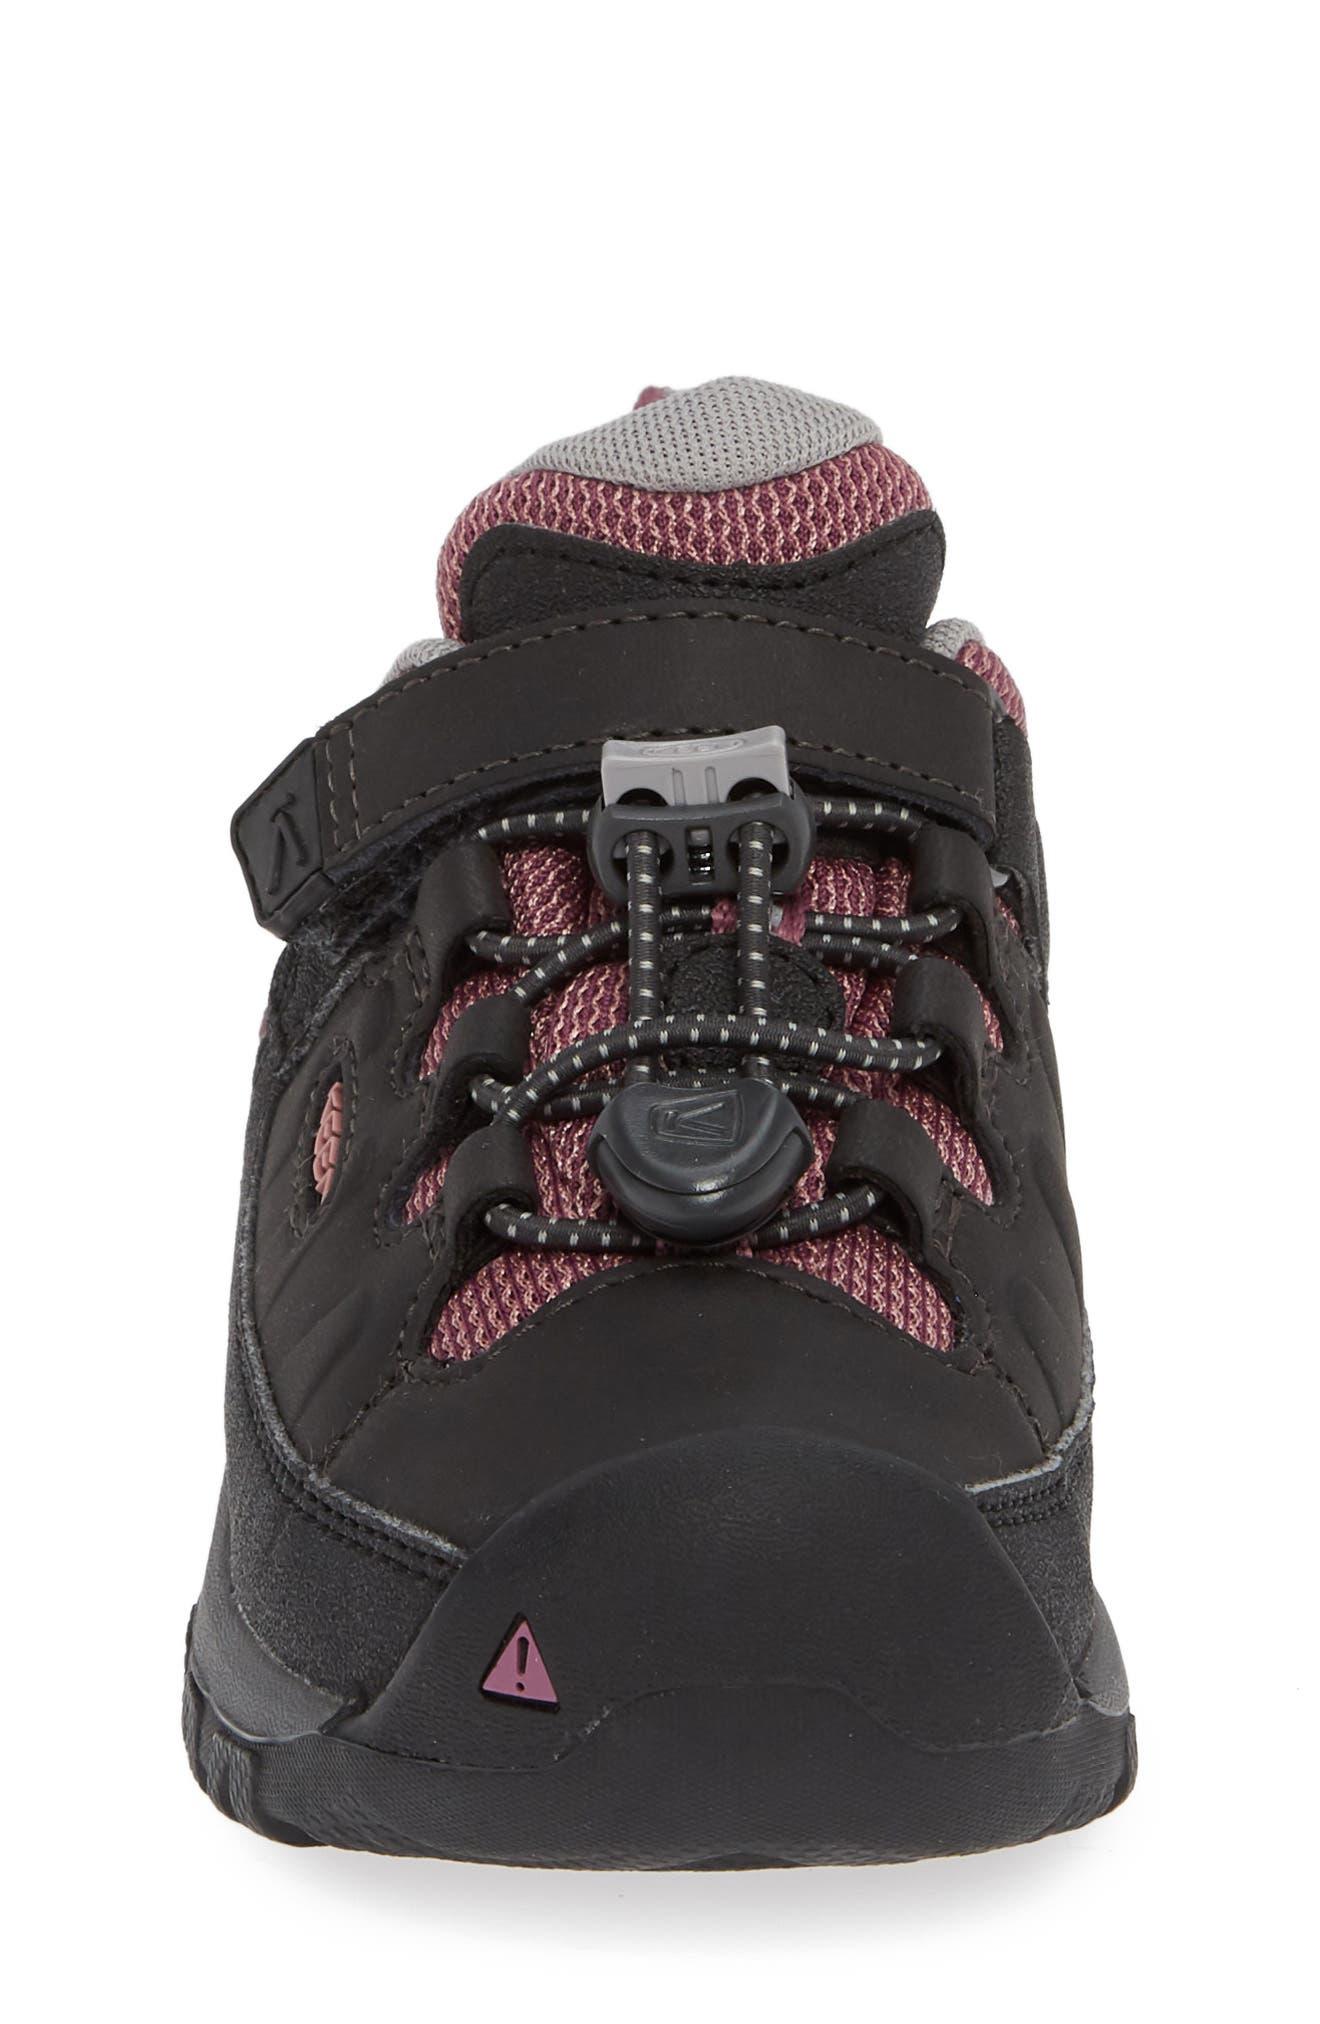 Targhee Low Waterproof Sneaker,                             Alternate thumbnail 4, color,                             RAVEN/ TULIPWOOD